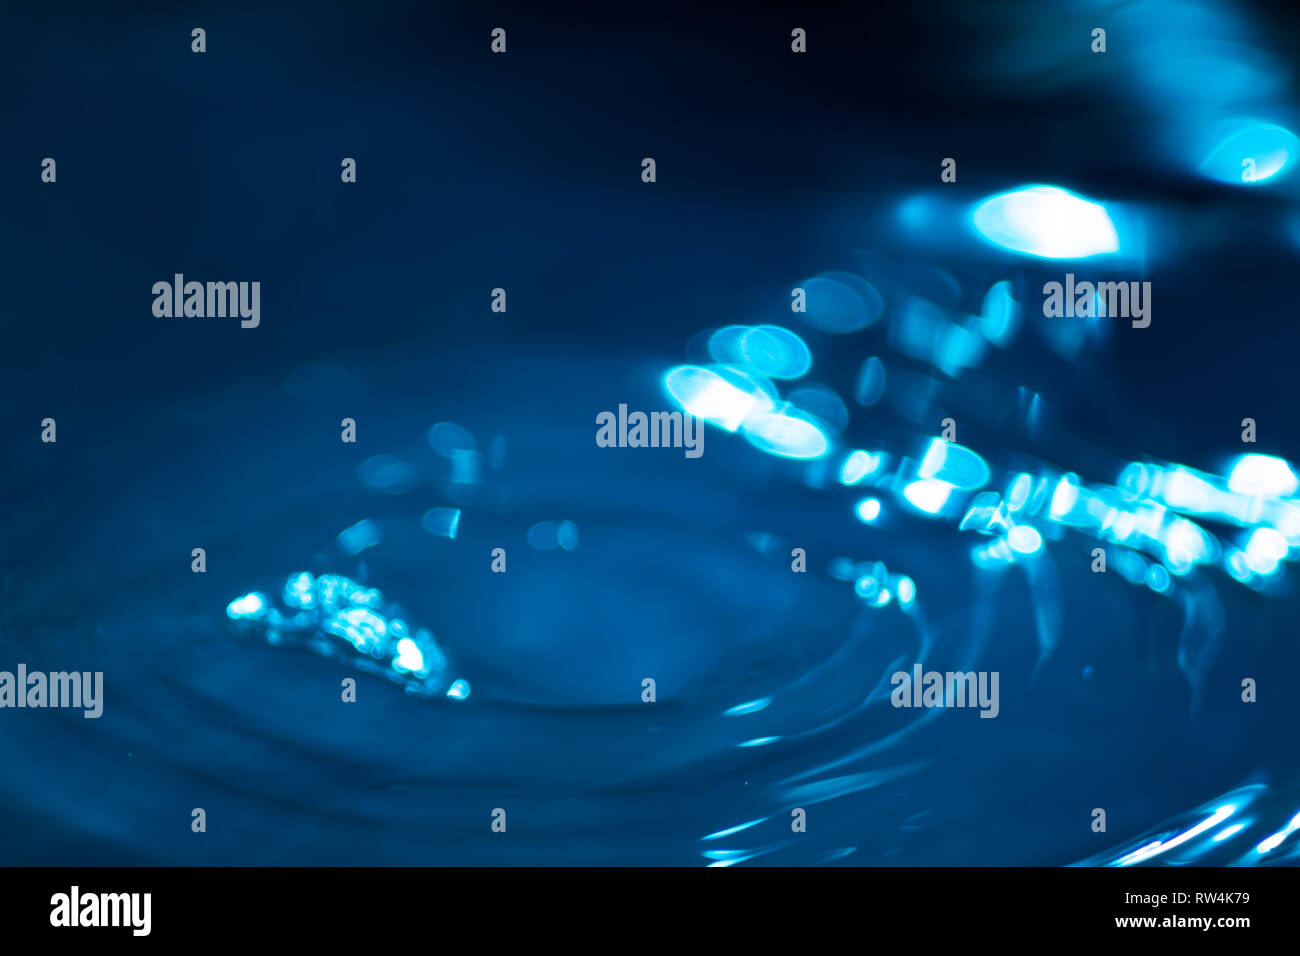 Splash di gocce di acqua su una superficie di acqua colorata con inchiostro celesti. Concetto di purezza, pulizia e conservazione delle risorse non rinnovabili. Abstr Immagini Stock